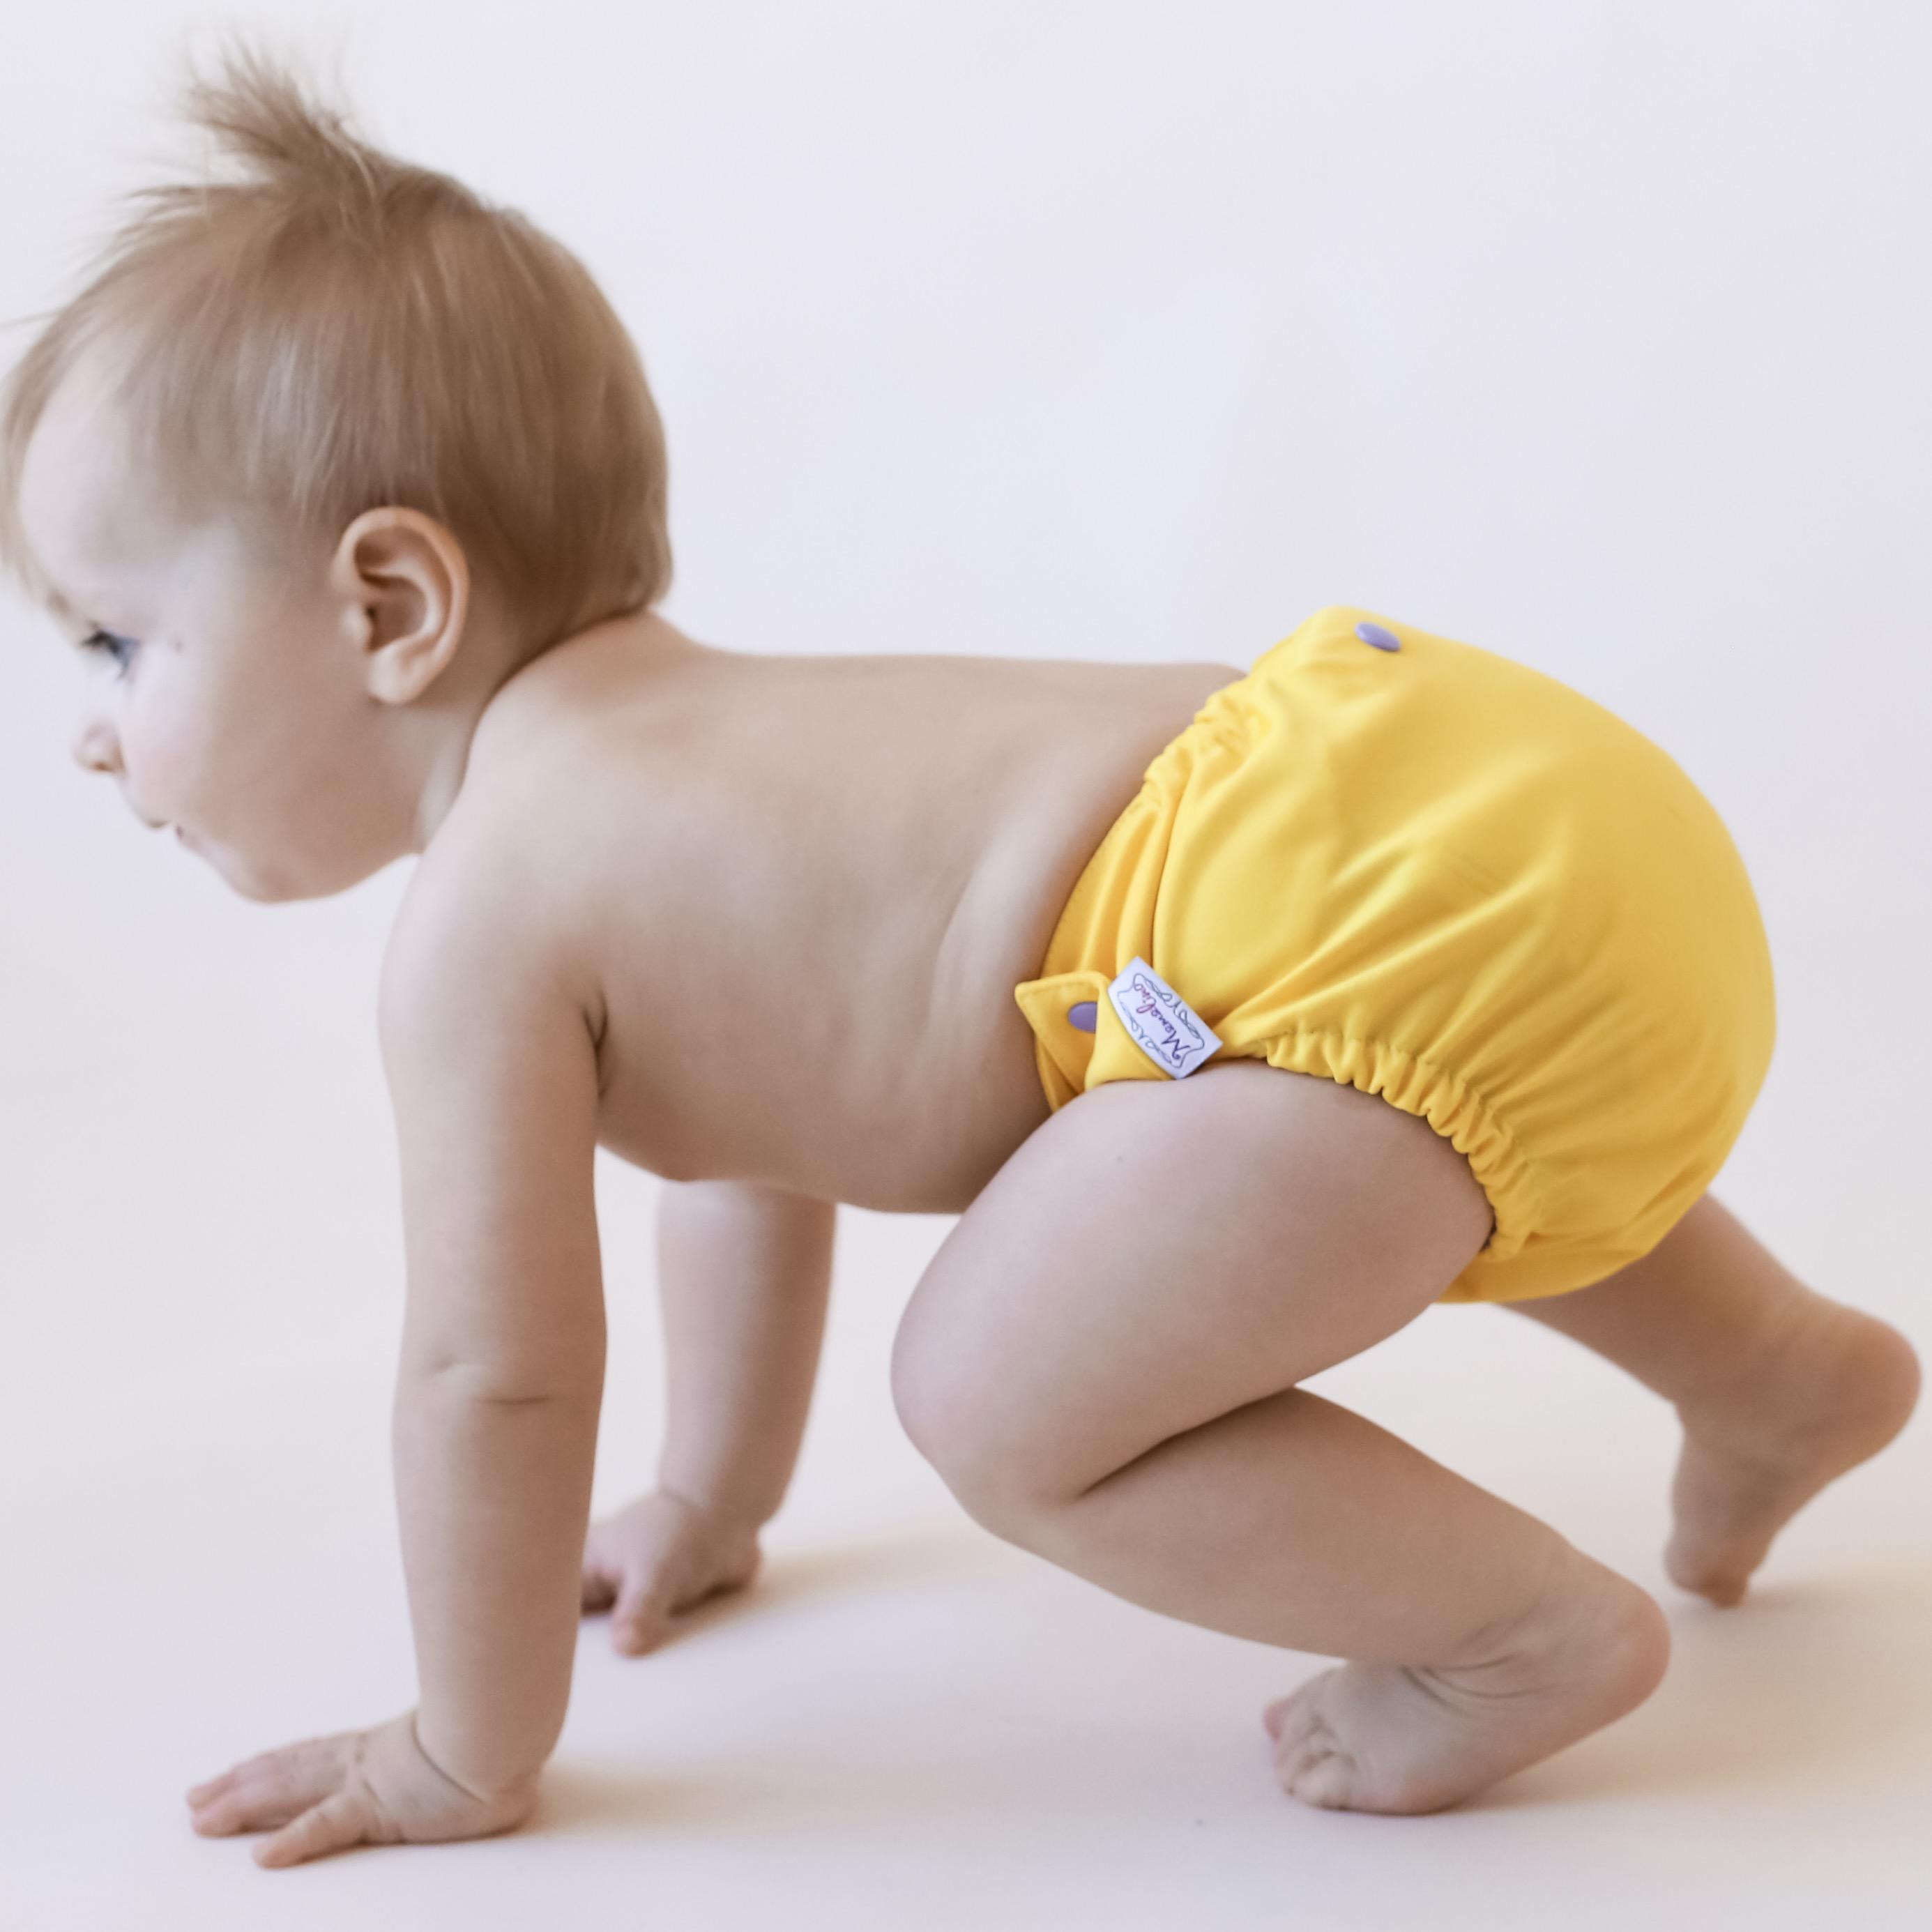 Картинка малышей в подгузниках